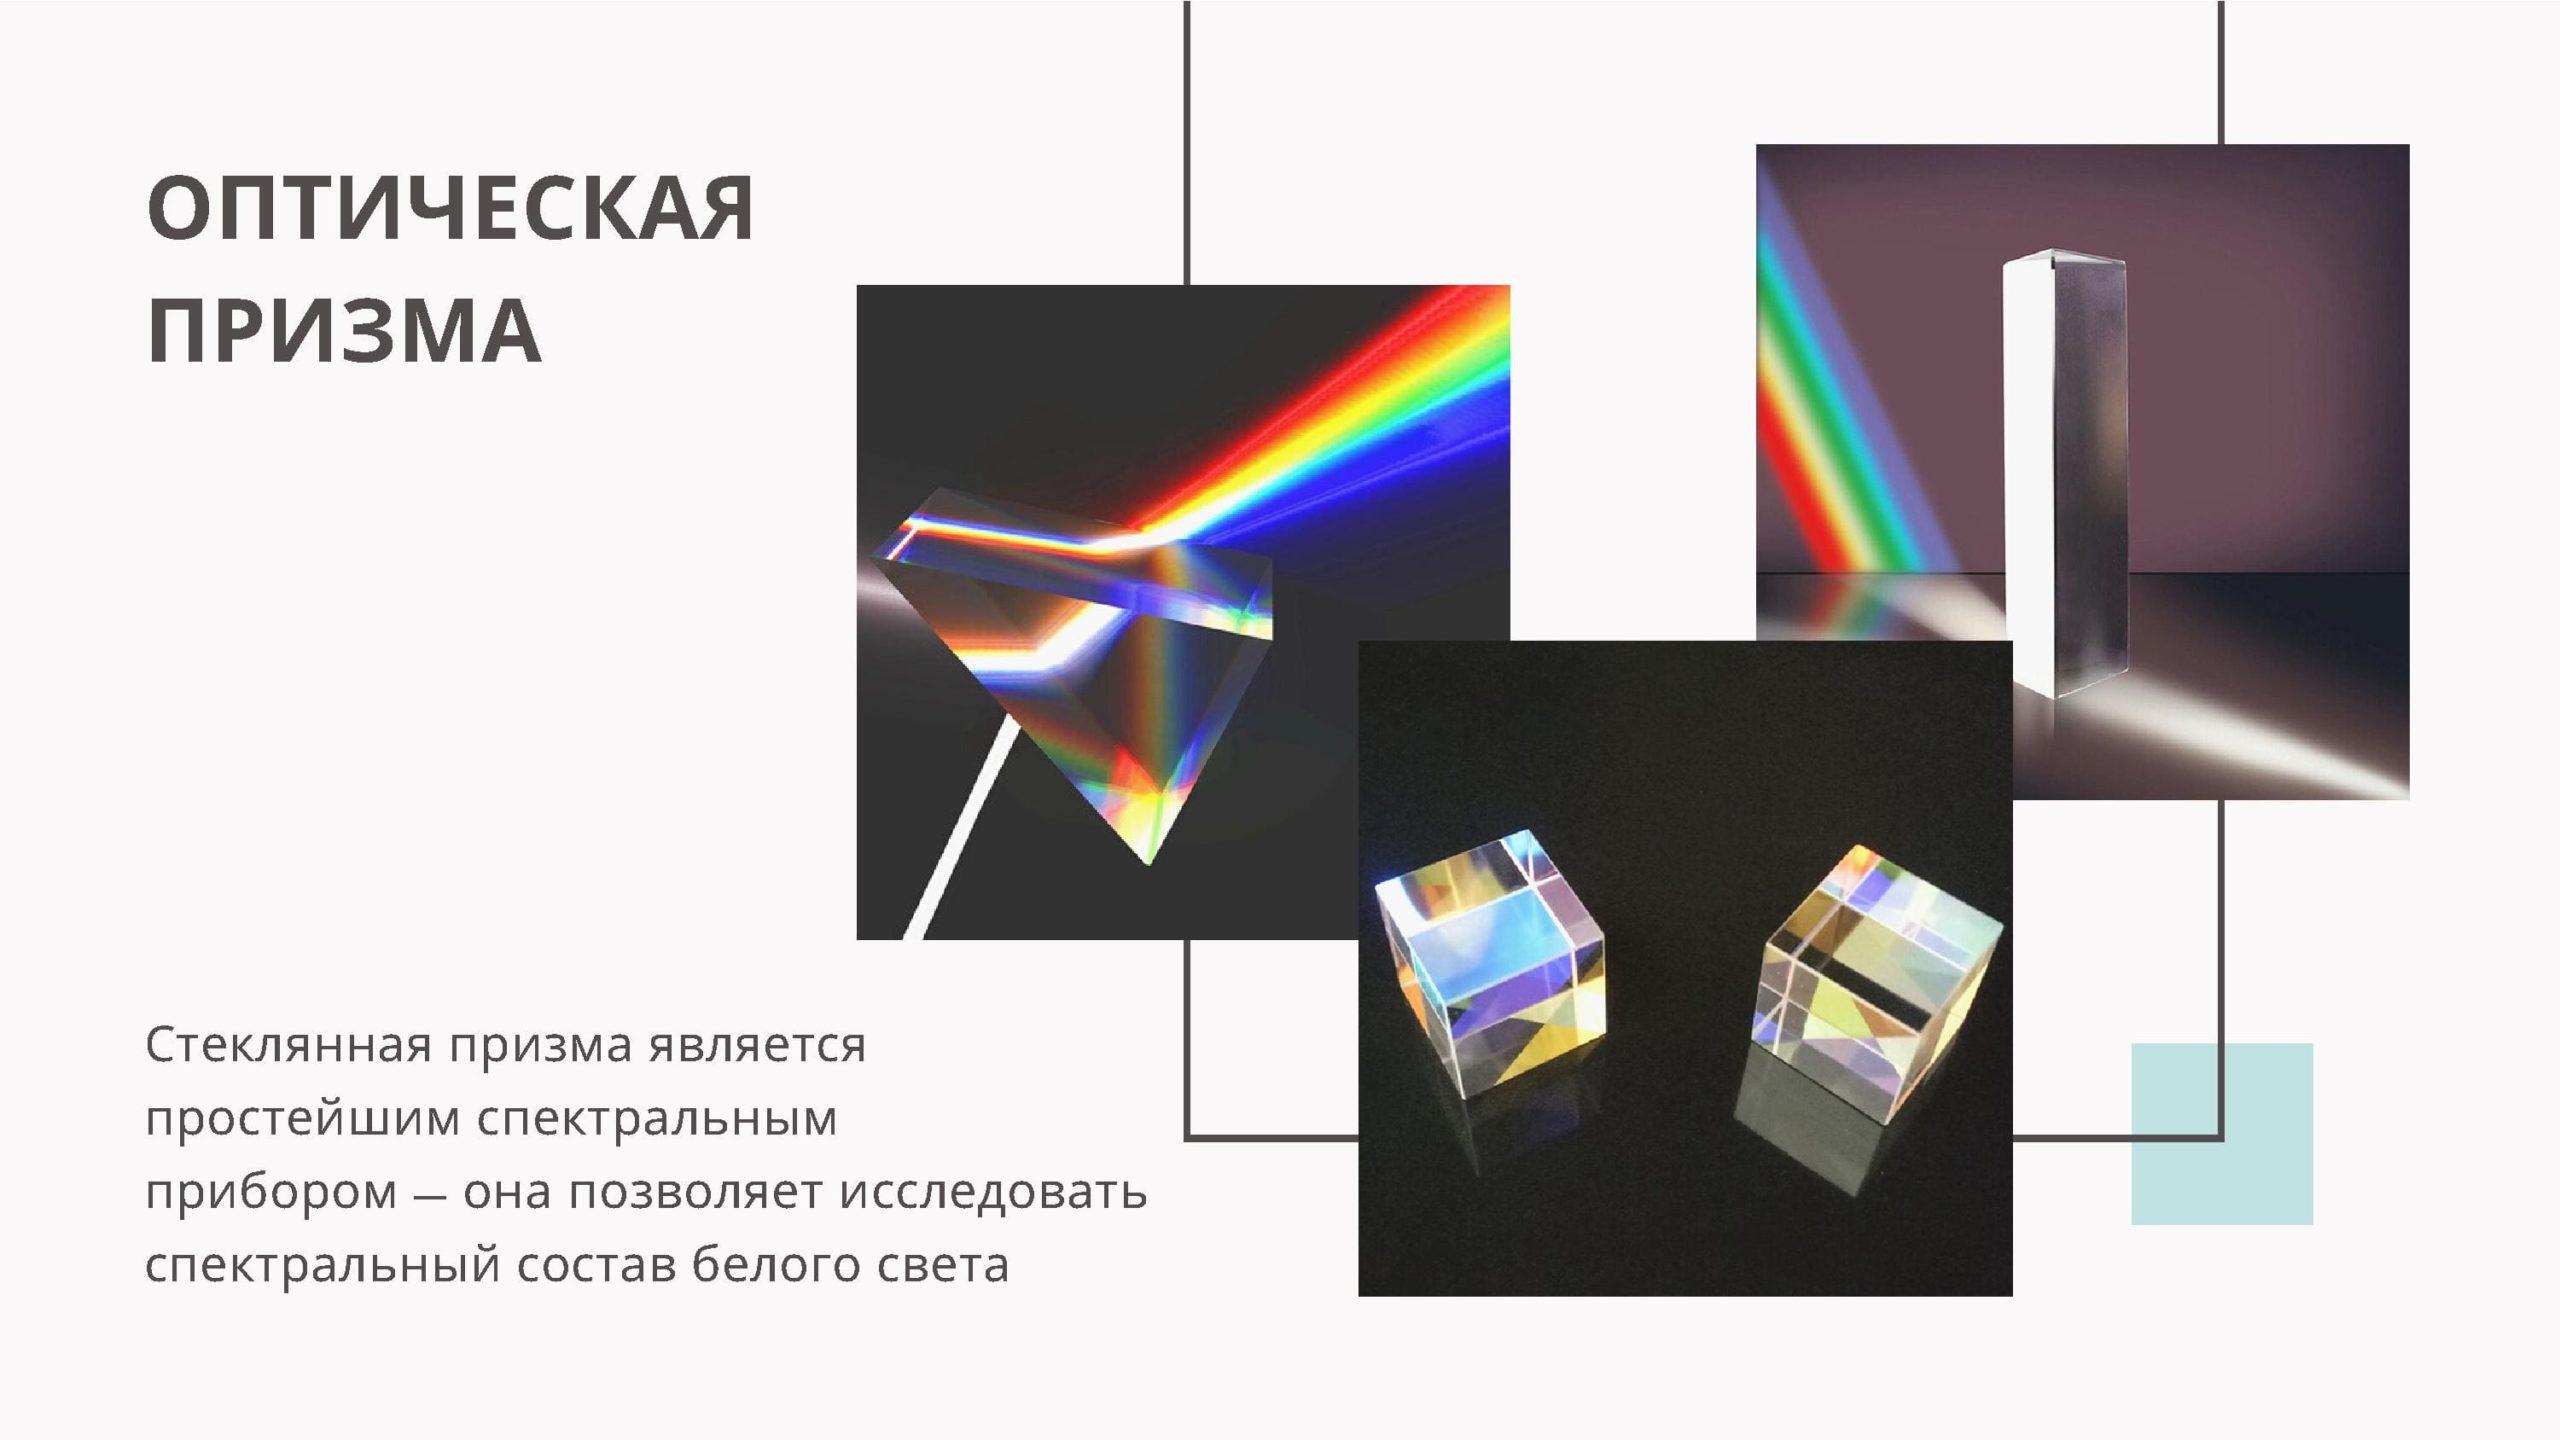 Оптическая призма